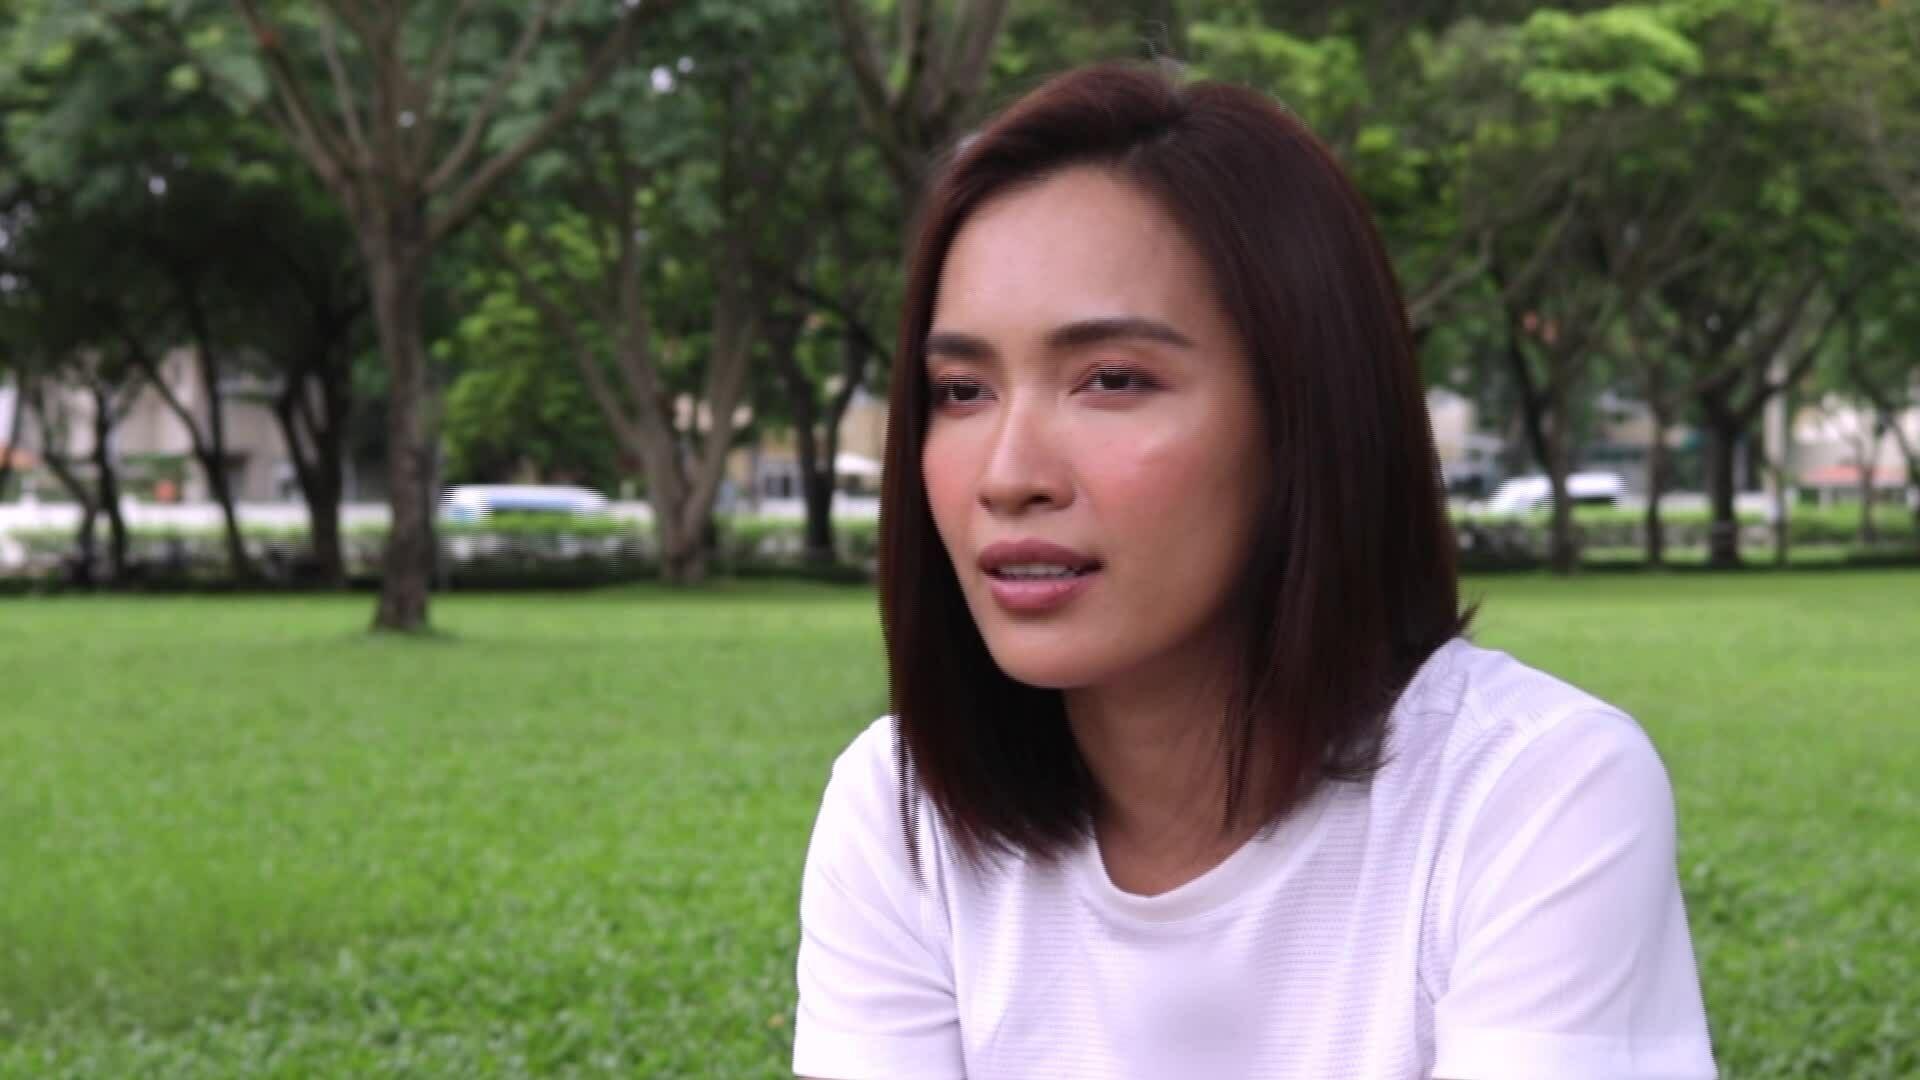 Ái Phương: 'Tôi chạy bộ vì muốn chiến thắng bản thân'